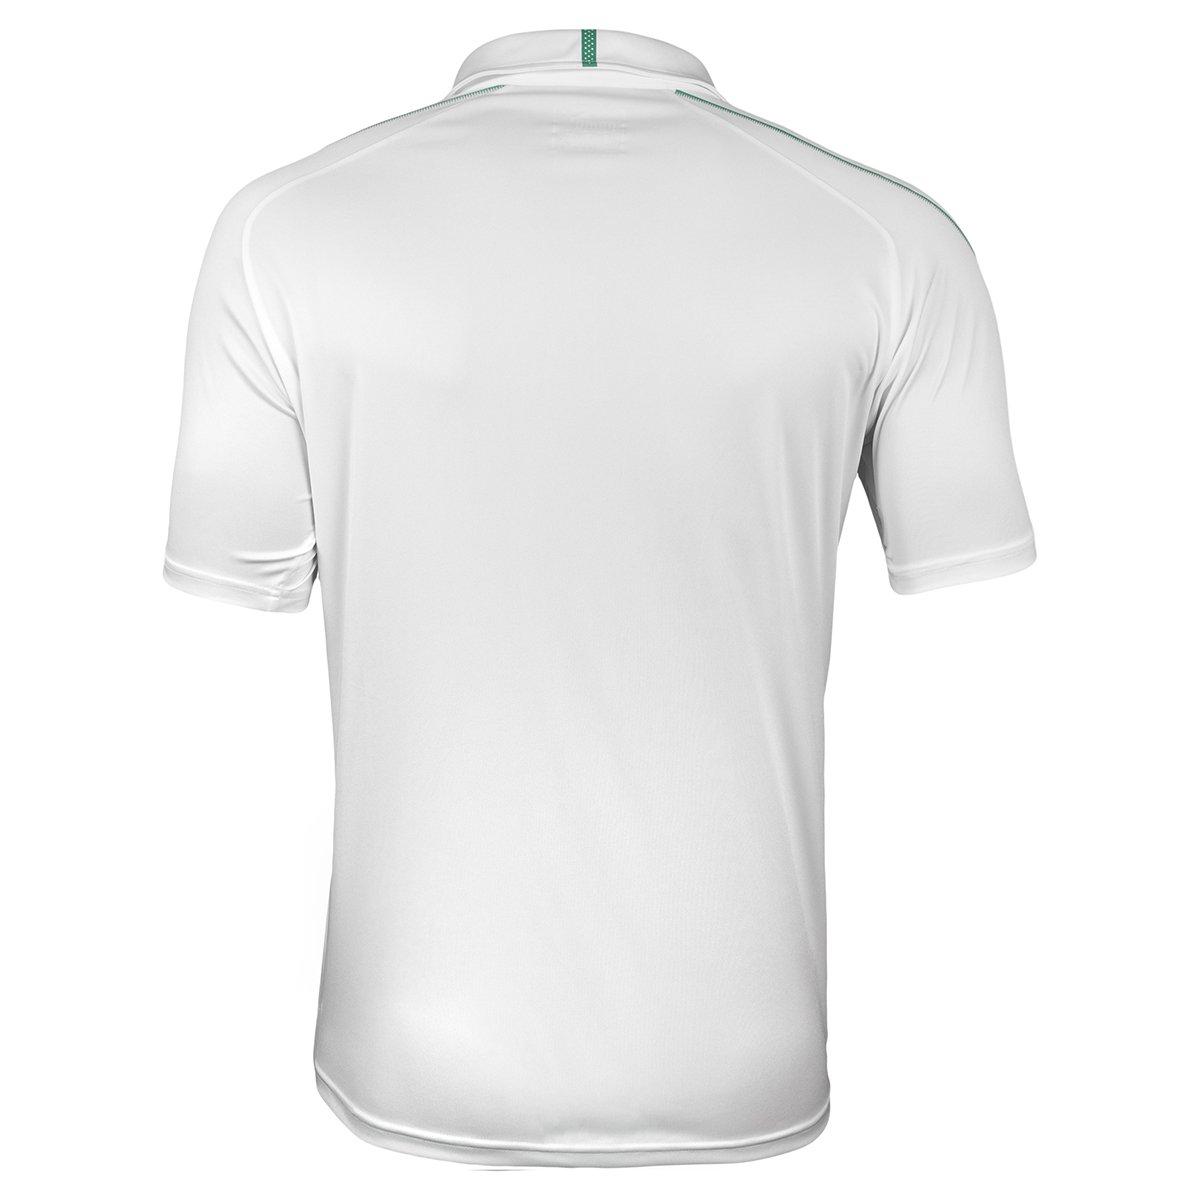 28582fb5c9 Camisa Polo Palmeiras 19 20 Puma Masculina - Branco - Compre Agora ...